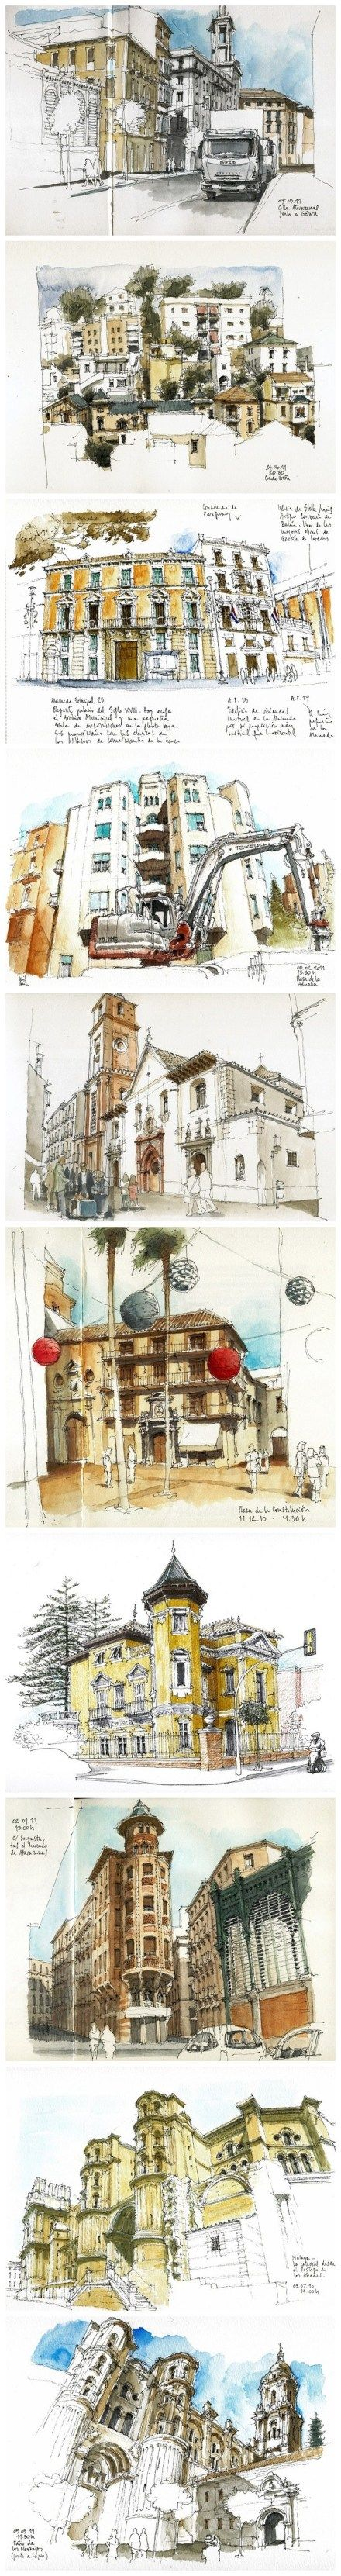 Excelentes trazos con tinta complementados con color, arquitectura inspiradora.  Artista desconocido